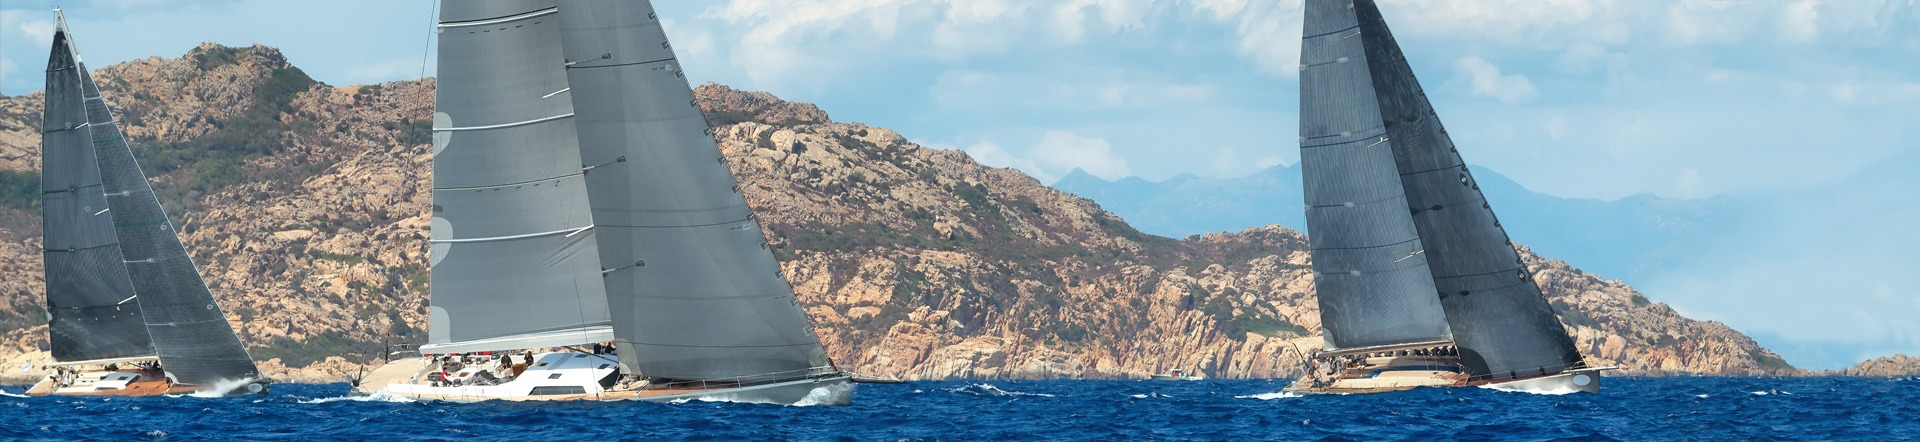 race yacht charter, crewed race charter regatta